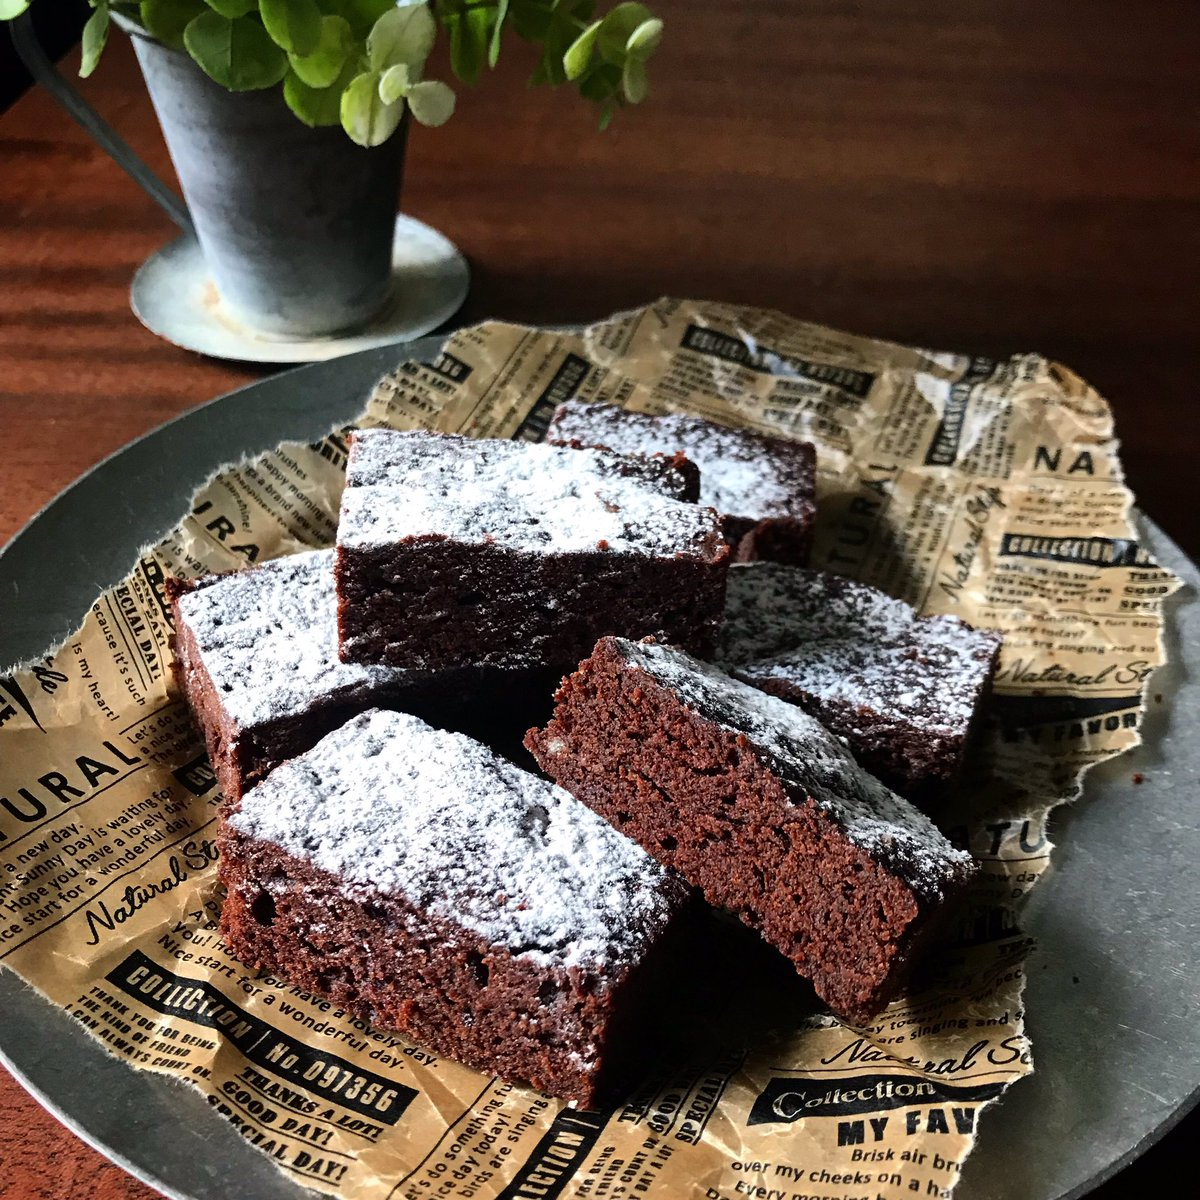 ◆日持ちは冷蔵3〜4日、冷蔵可もっと簡単な10分でできるガトーショコラ風ケーキ他、レンジで作るオススメのお菓子◆濃厚生チョコチーズケーキ◆クッキーブラウニー◆三層のチョコケーキ